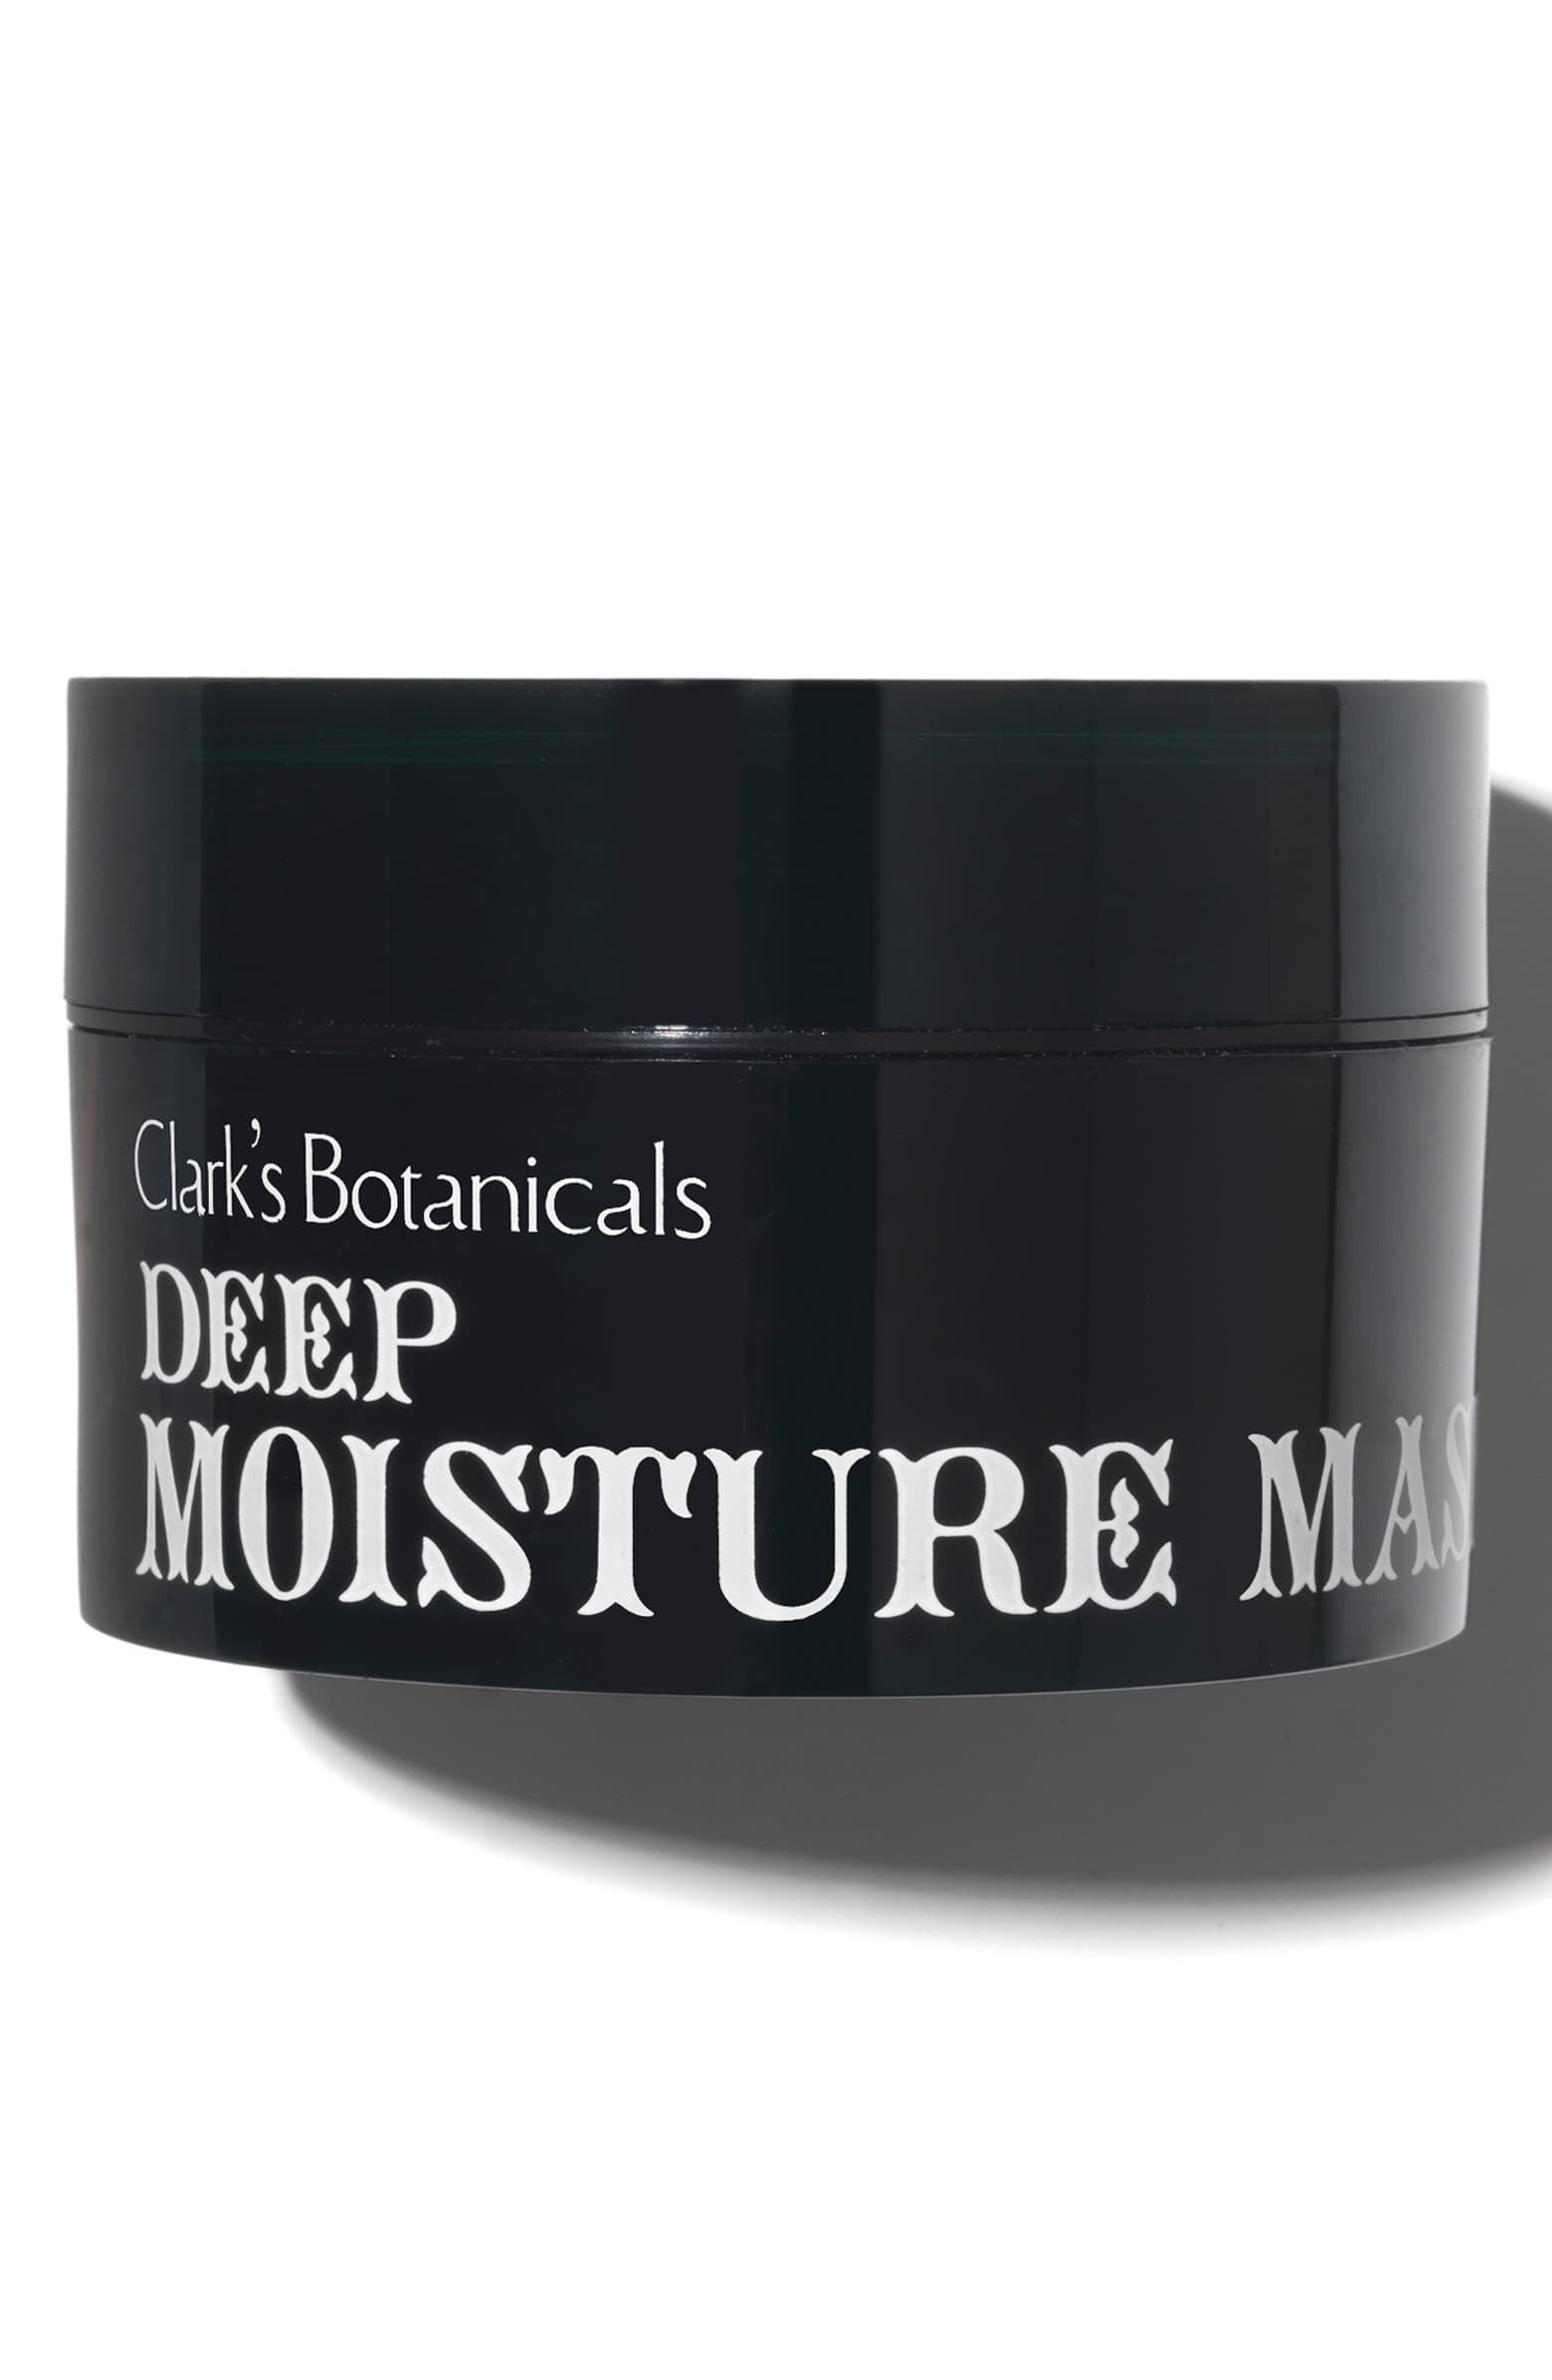 Clarks Botanicals Deep Moisture Mask